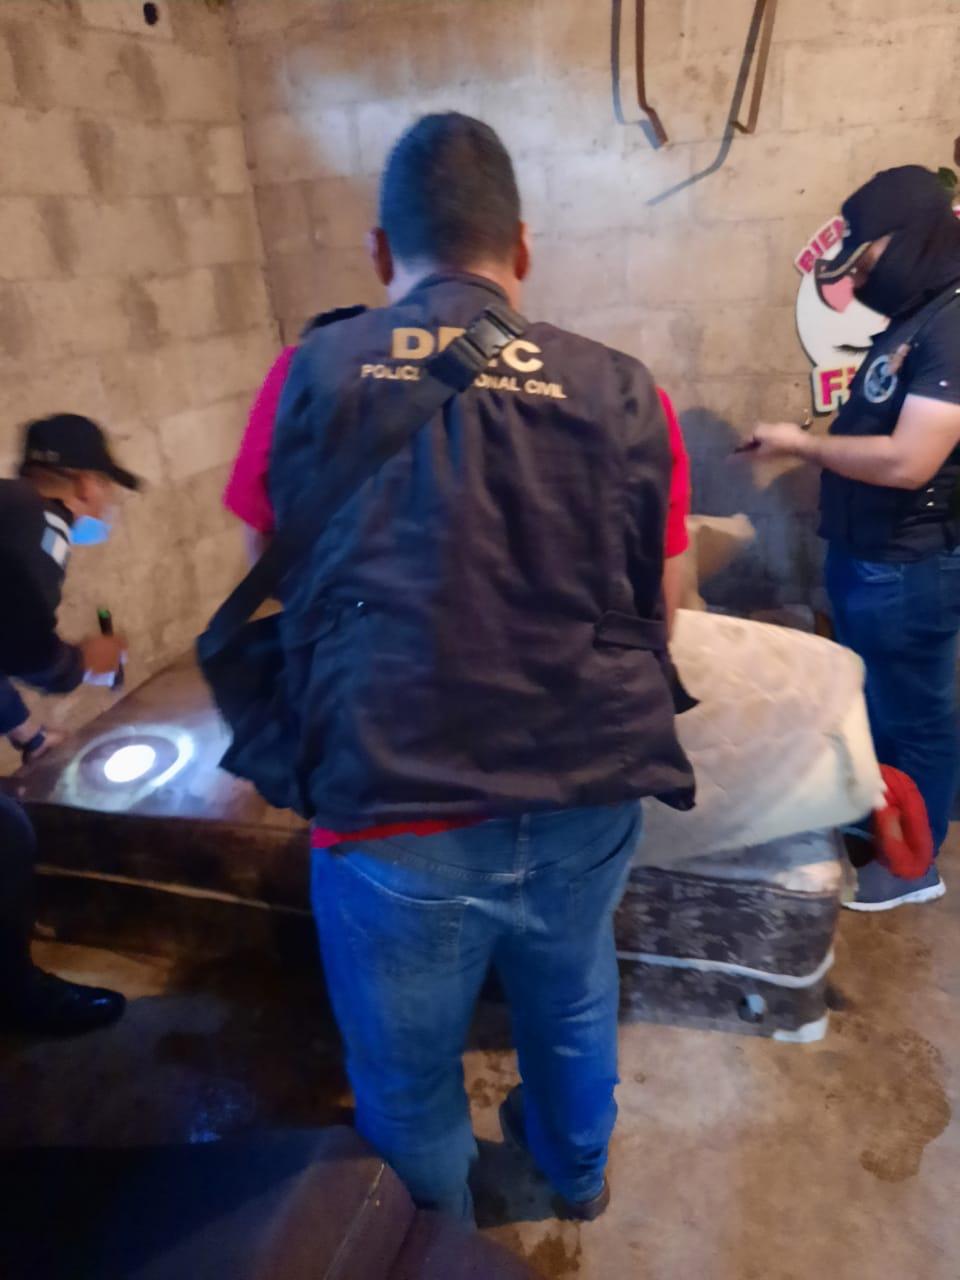 Madre de tres niños es capturada en Barberena, señalada de darles marihuana y golpearlos